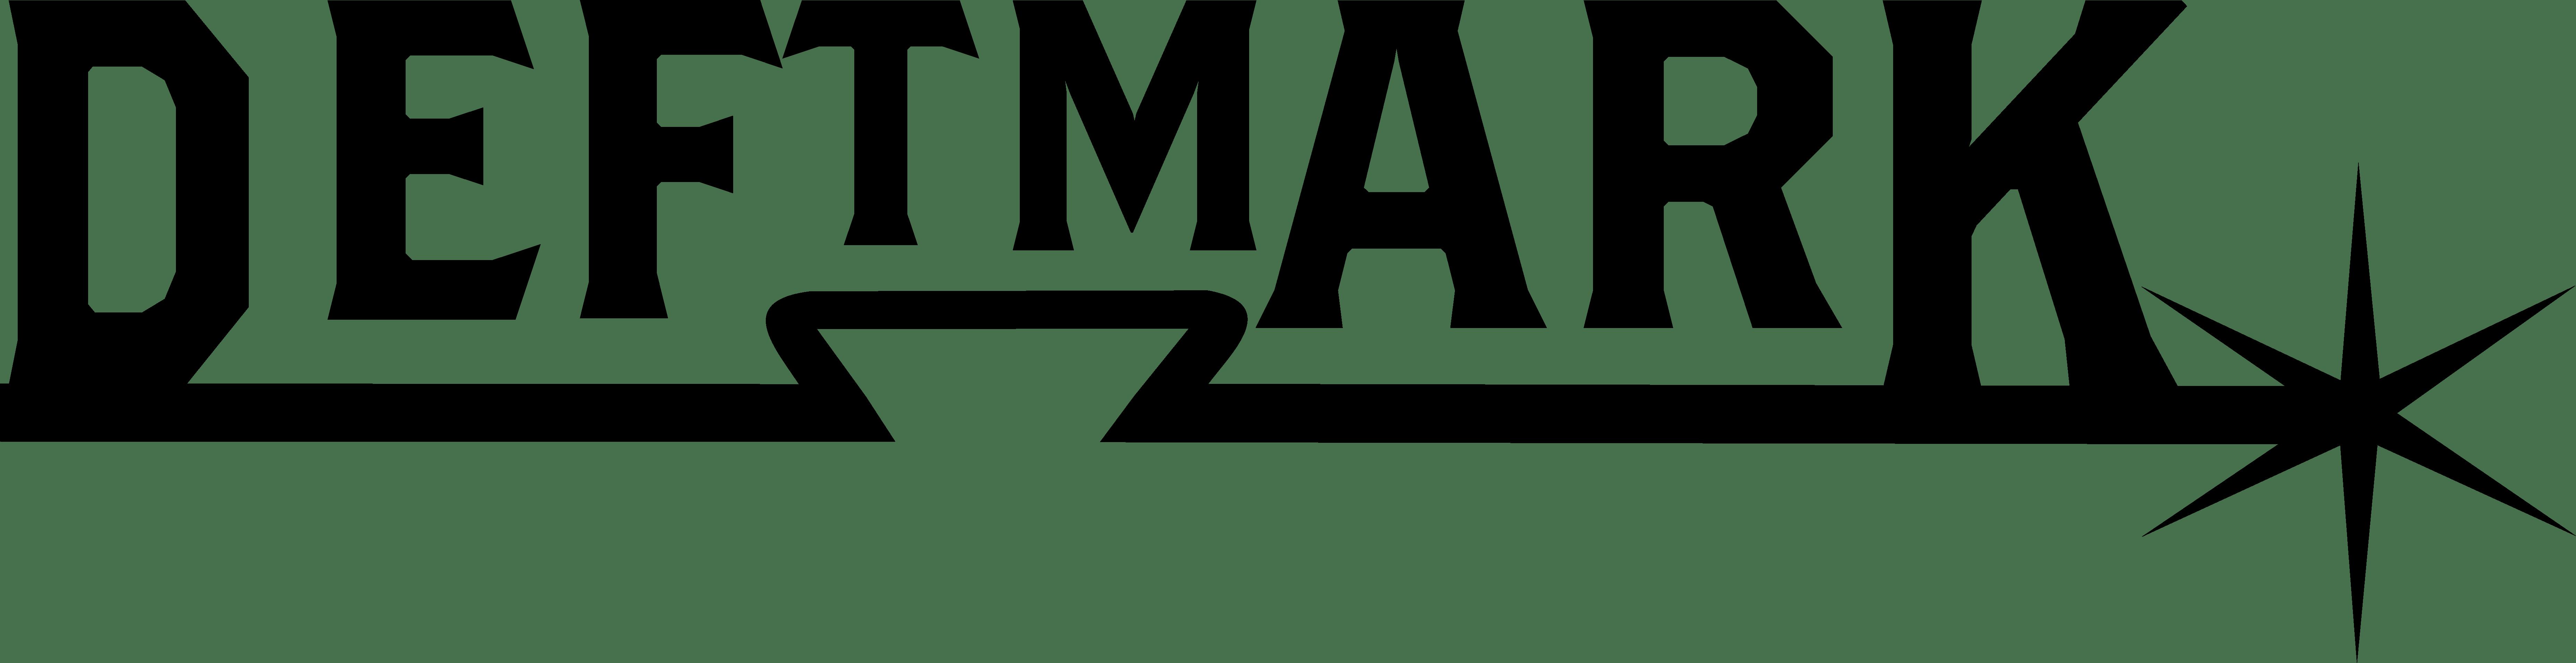 deftmark logo